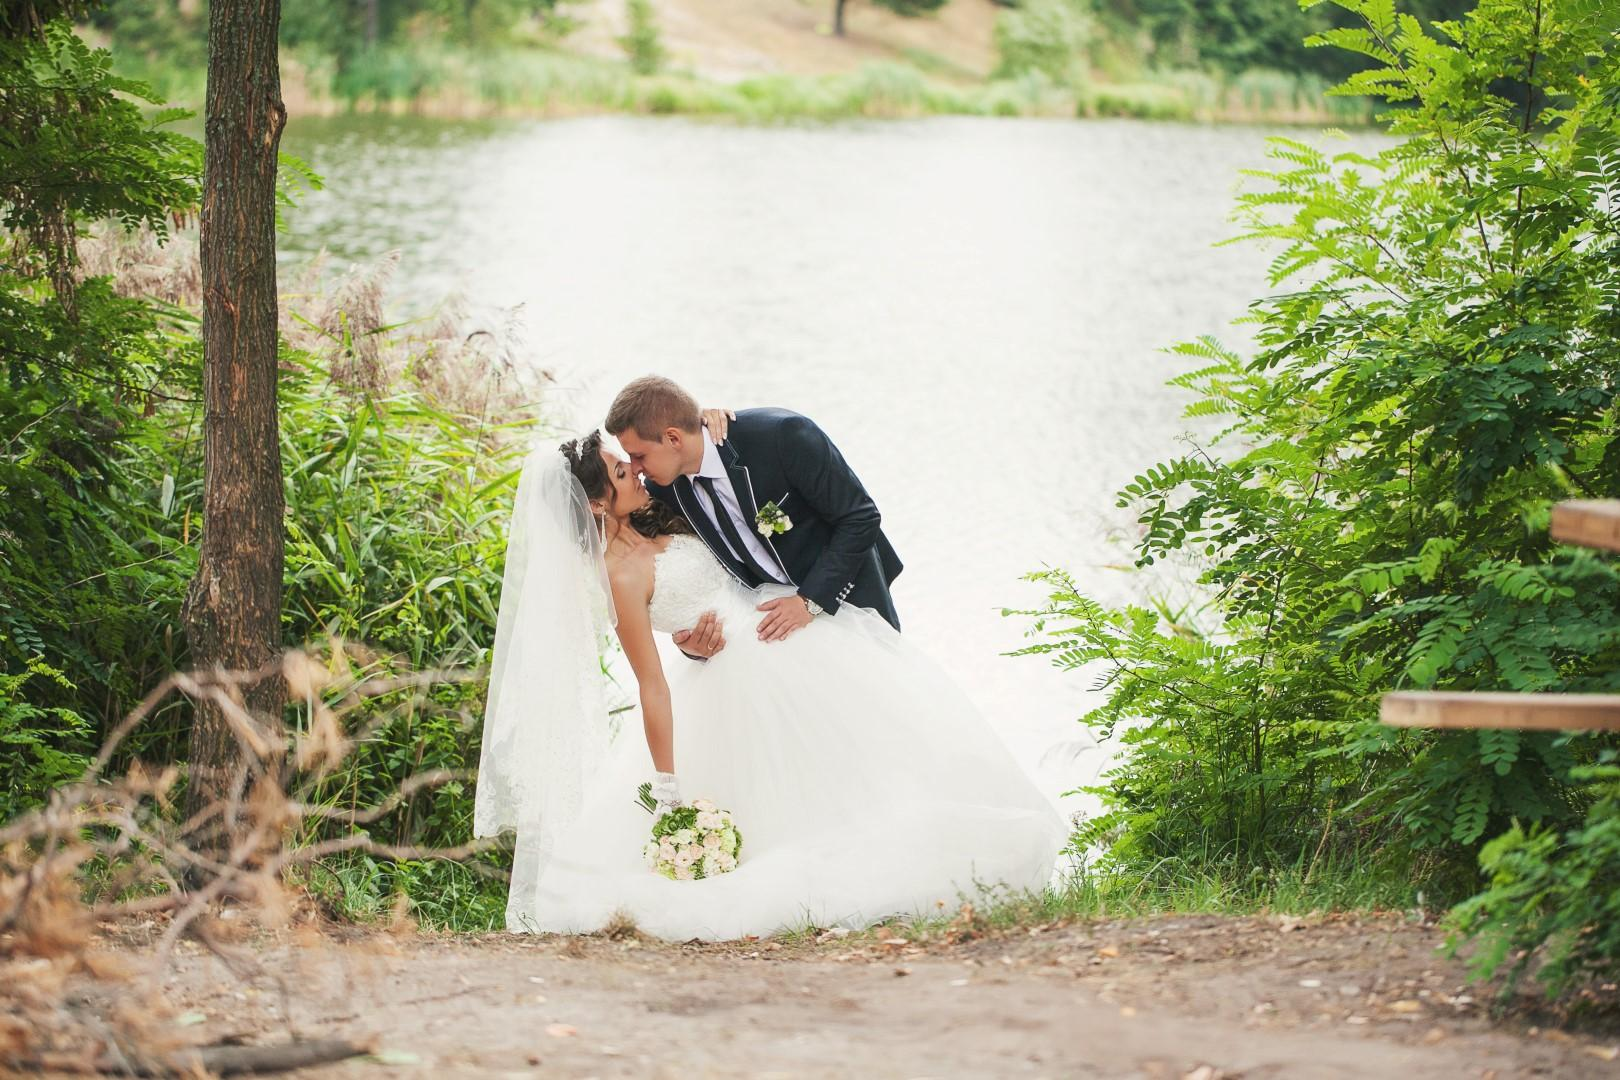 Matrimonio: green è meglio